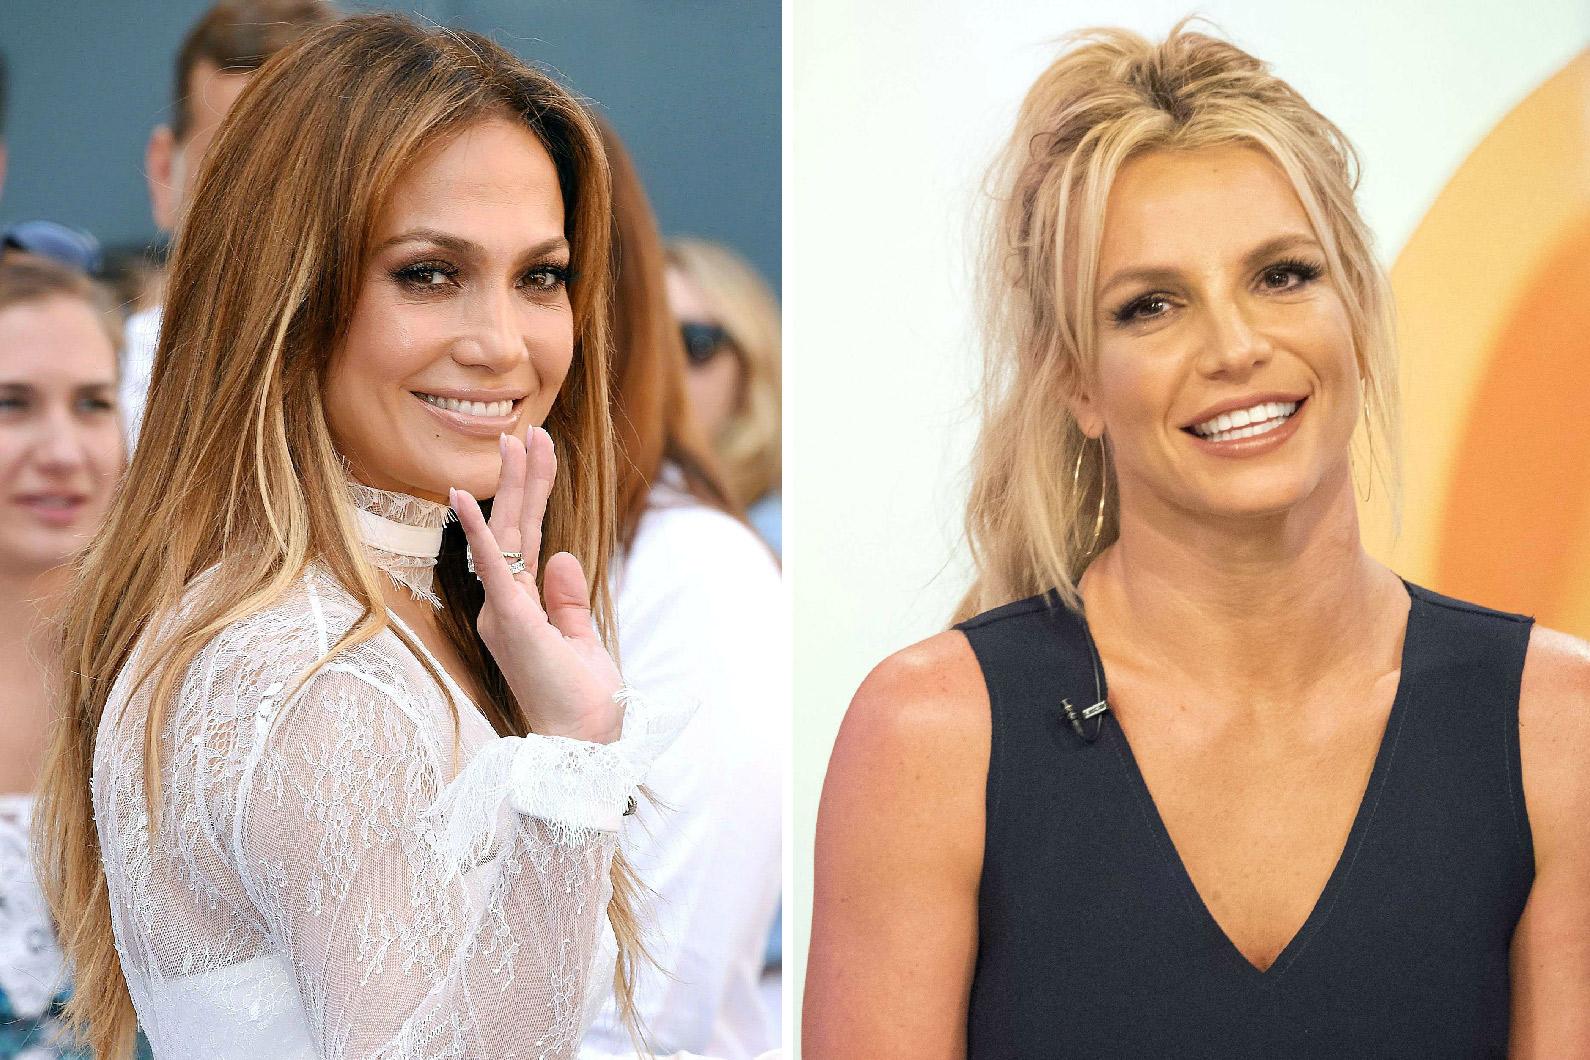 Jennifer Lopez et Britney Spears vous souhaitent une bonne année 2017 !